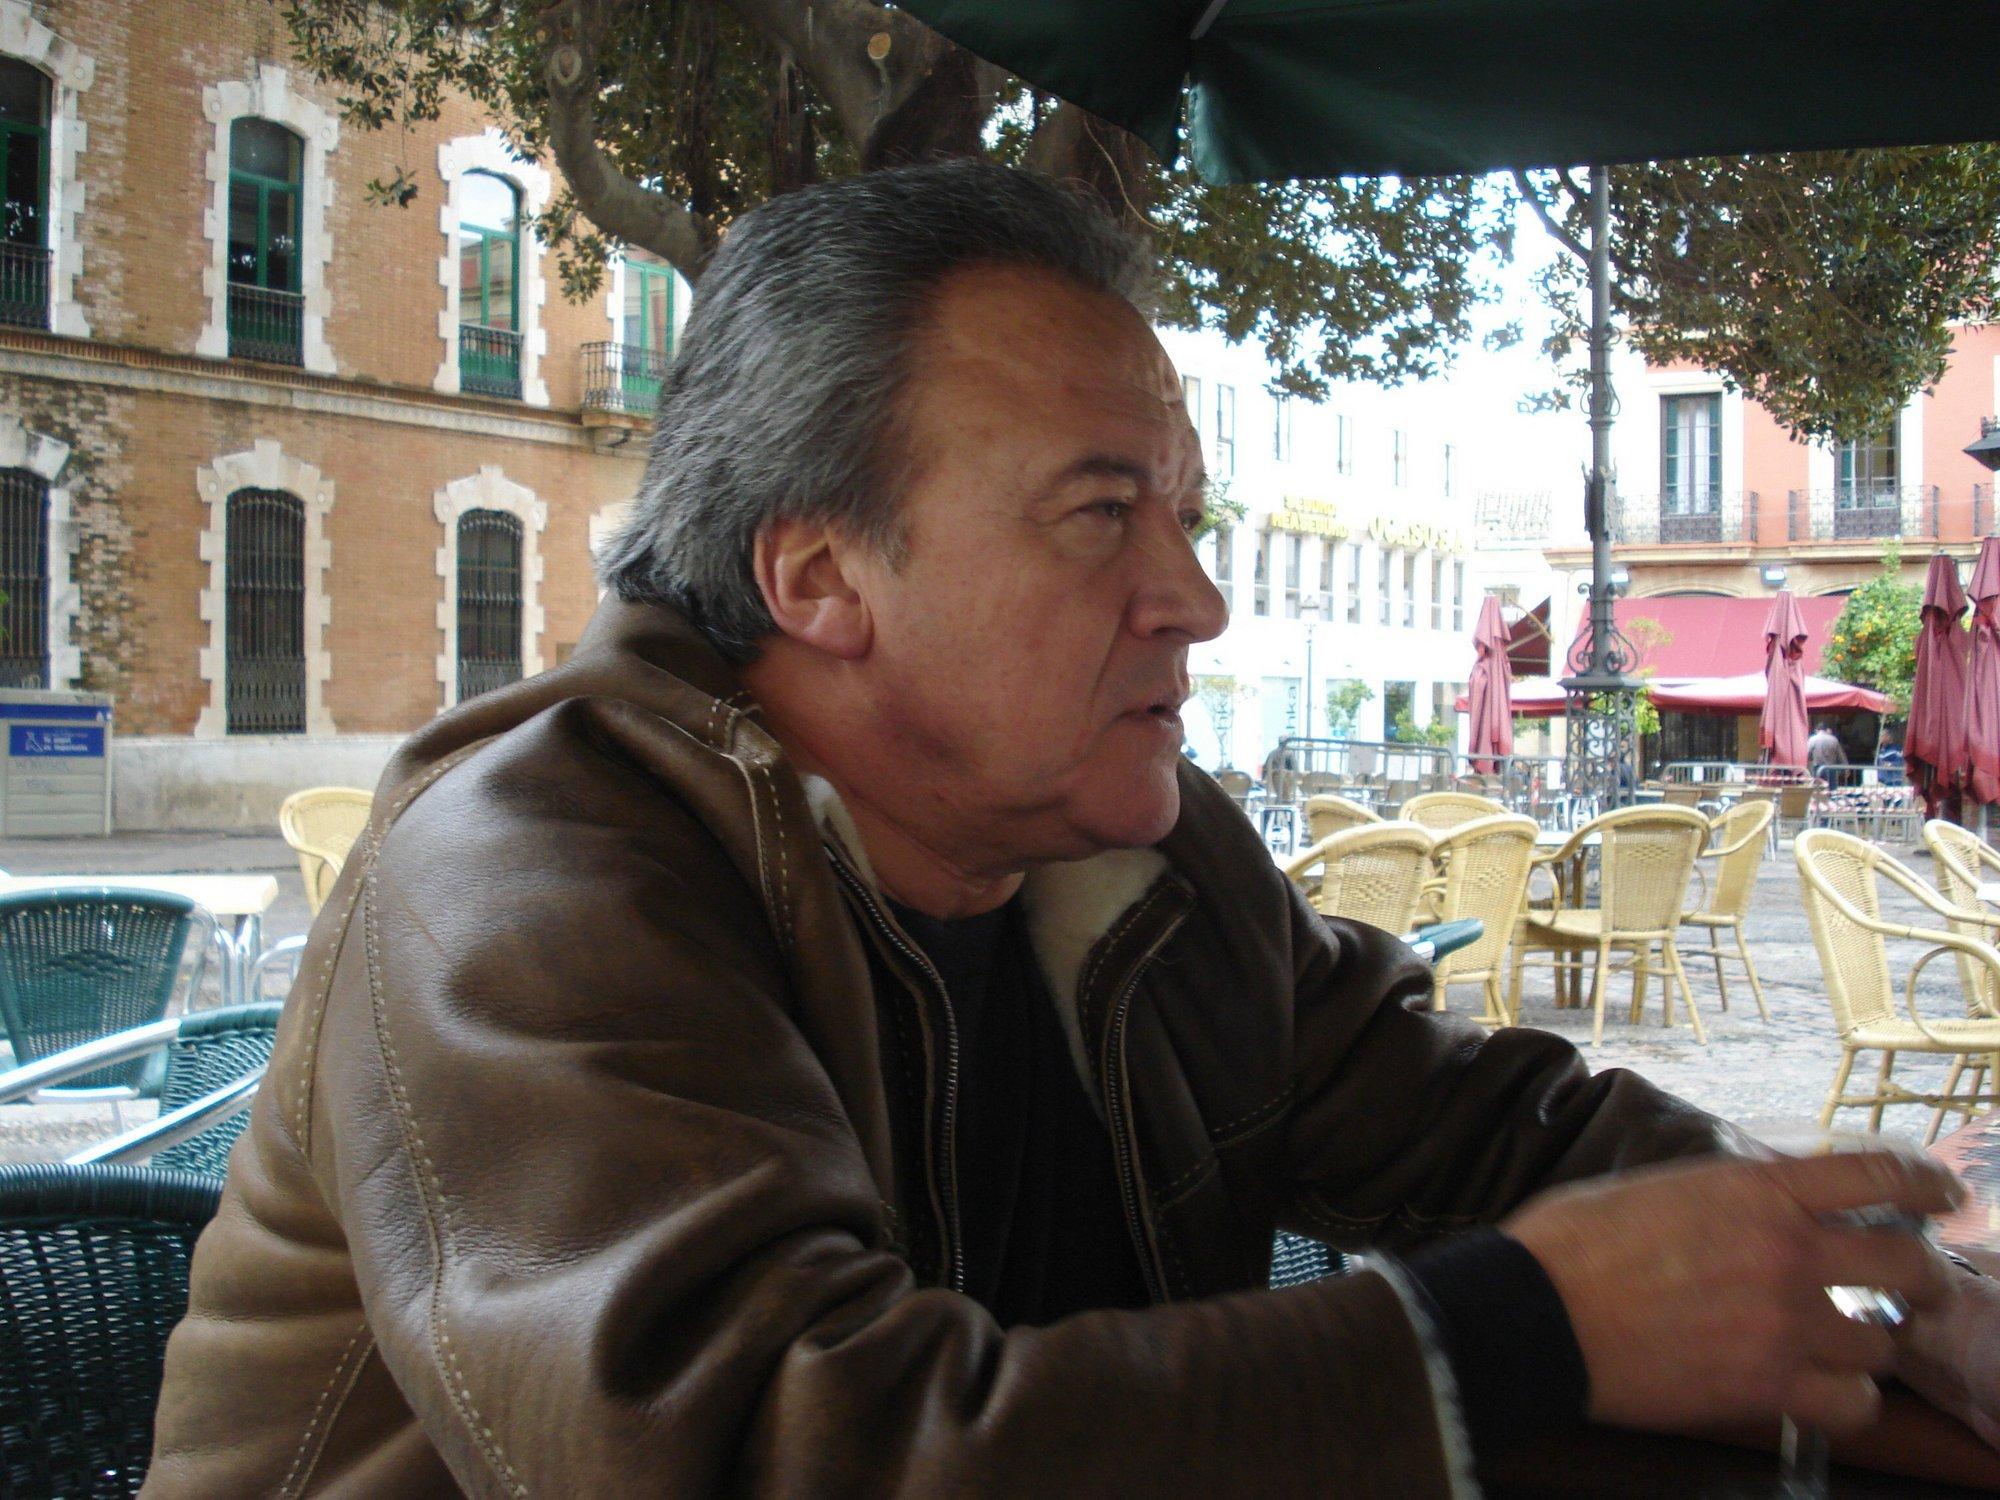 Anticorrupción cita al exalcalde Pedro Pacheco por la venta de la estación de autobús de Jerez